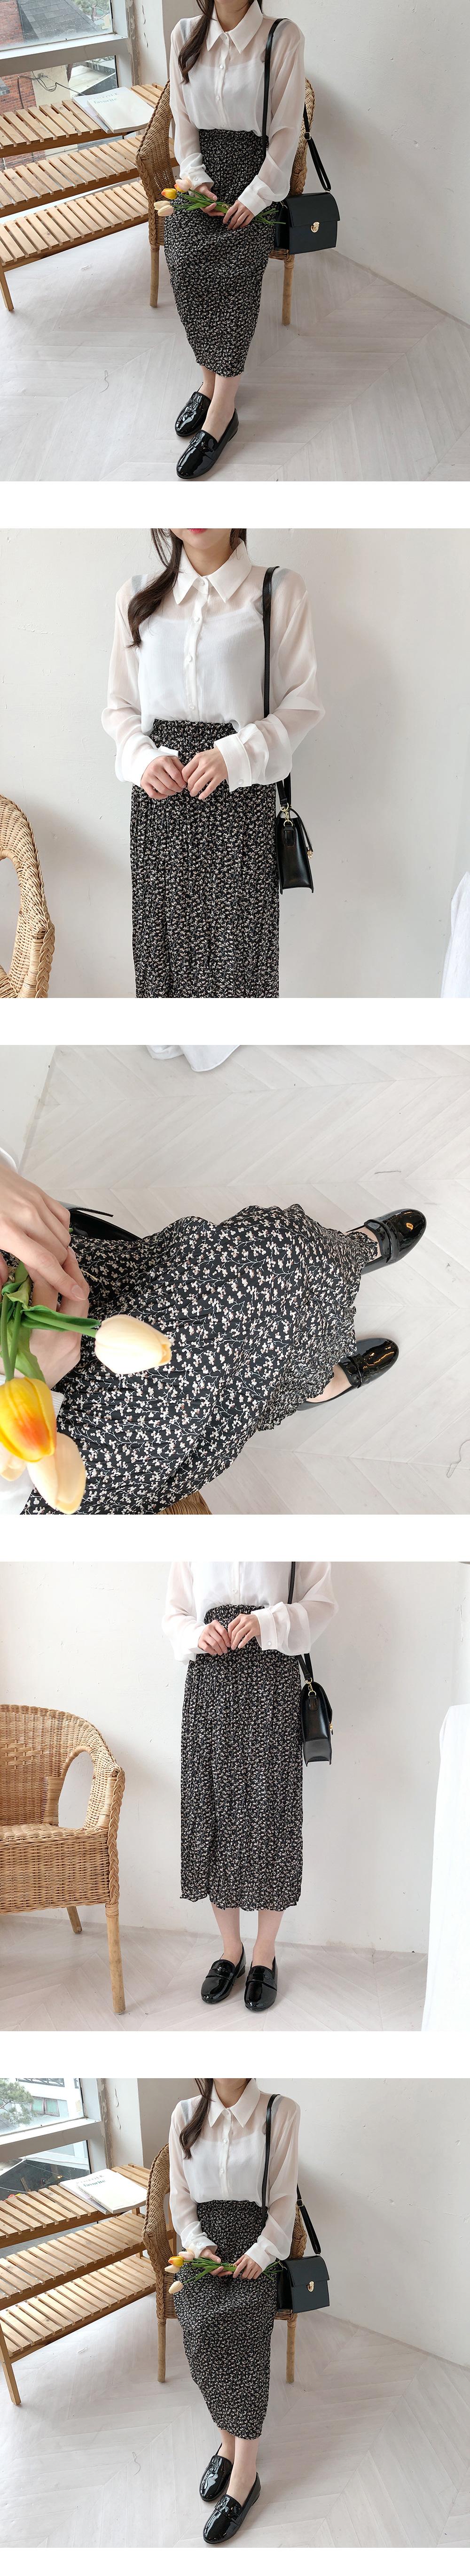 Long wrinkled long skirt